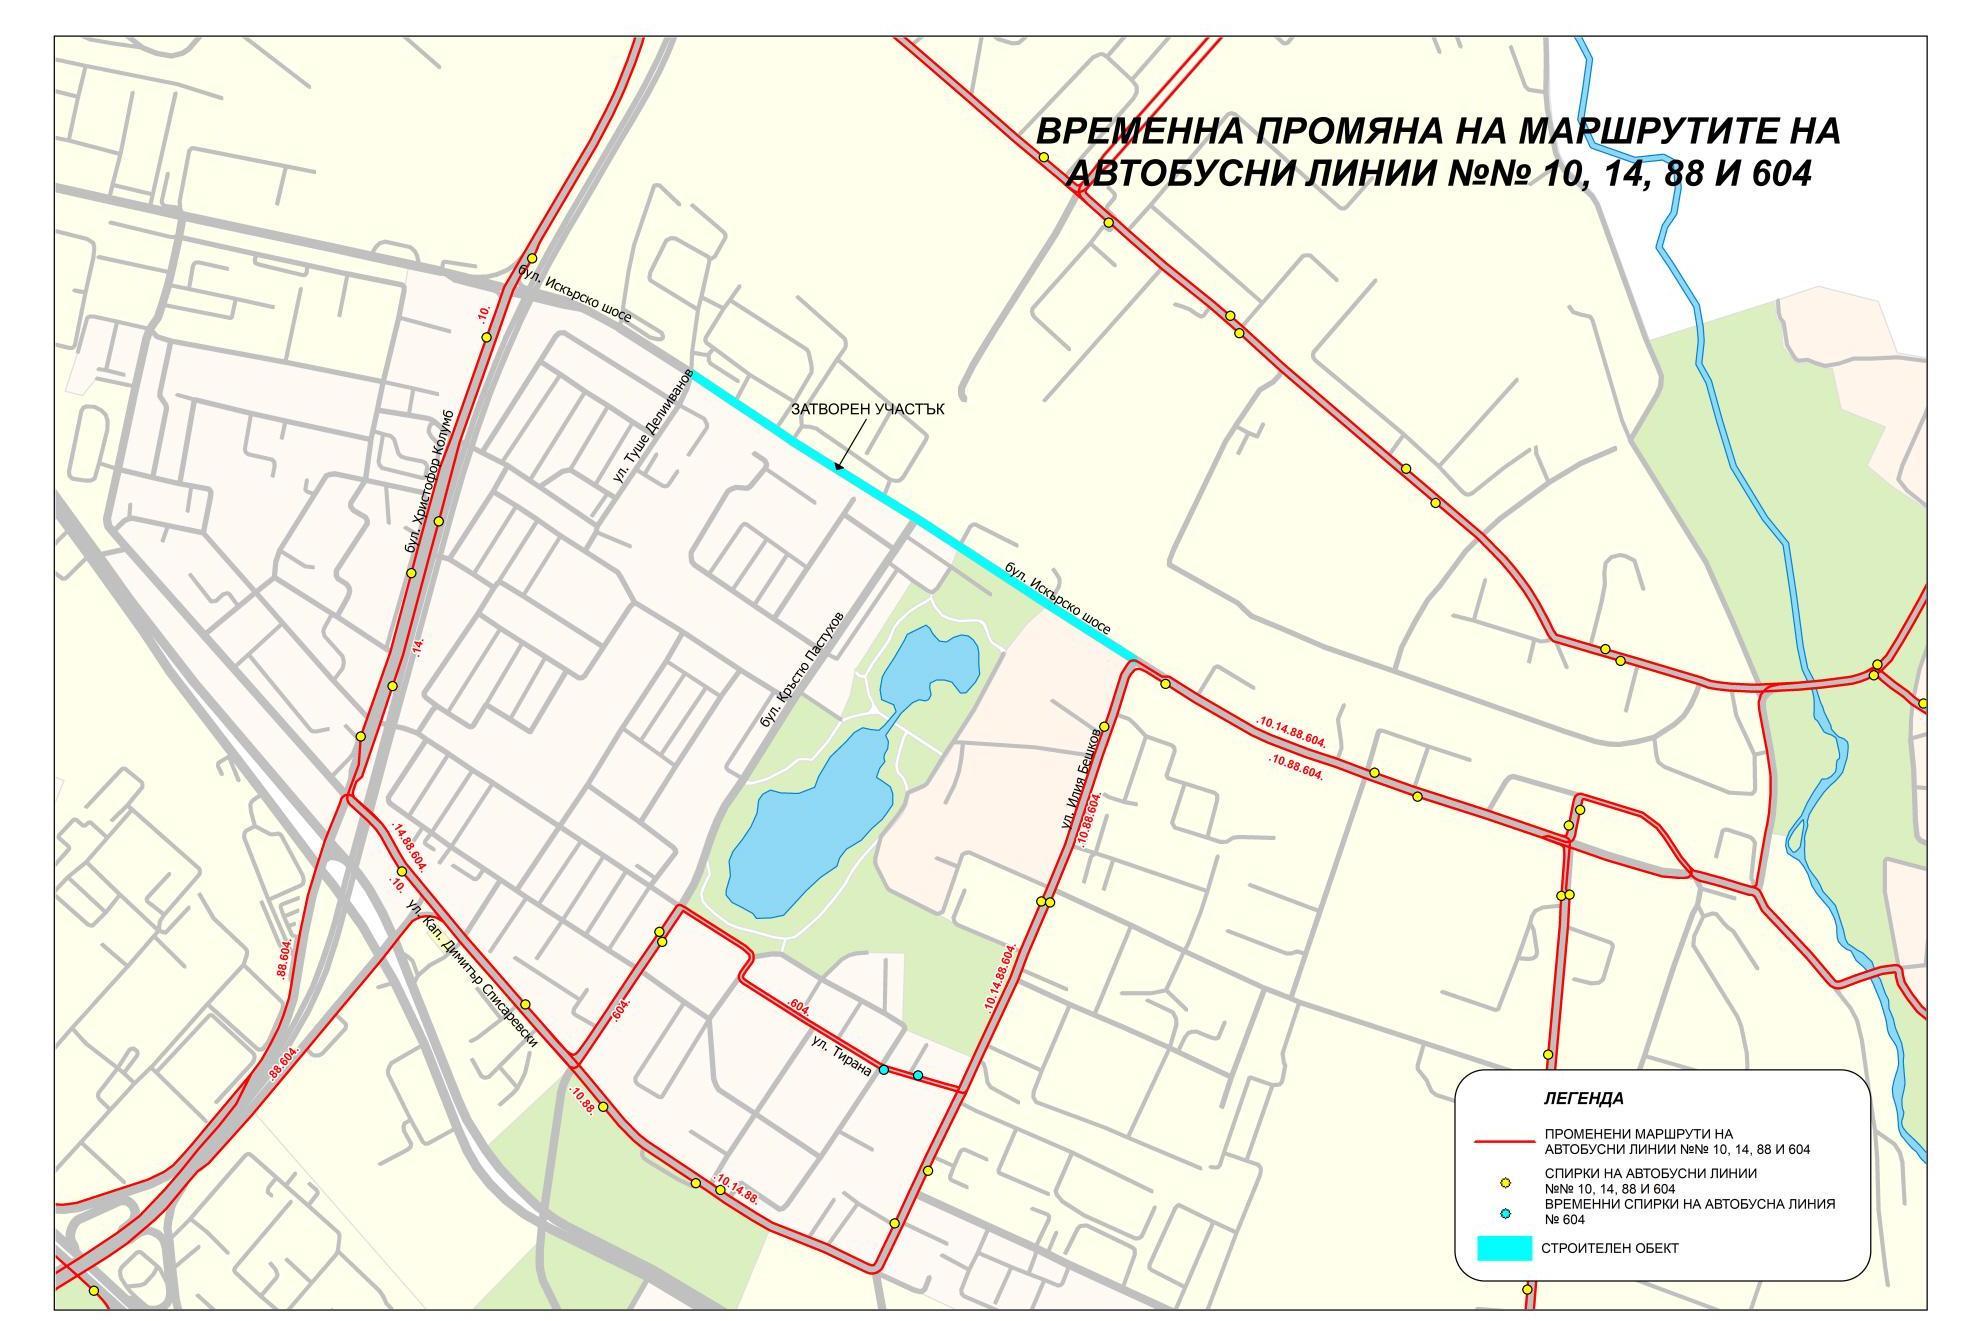 Карта на променения маршрут на автобуси 604, 88, 10 и 14 в Дружба 1